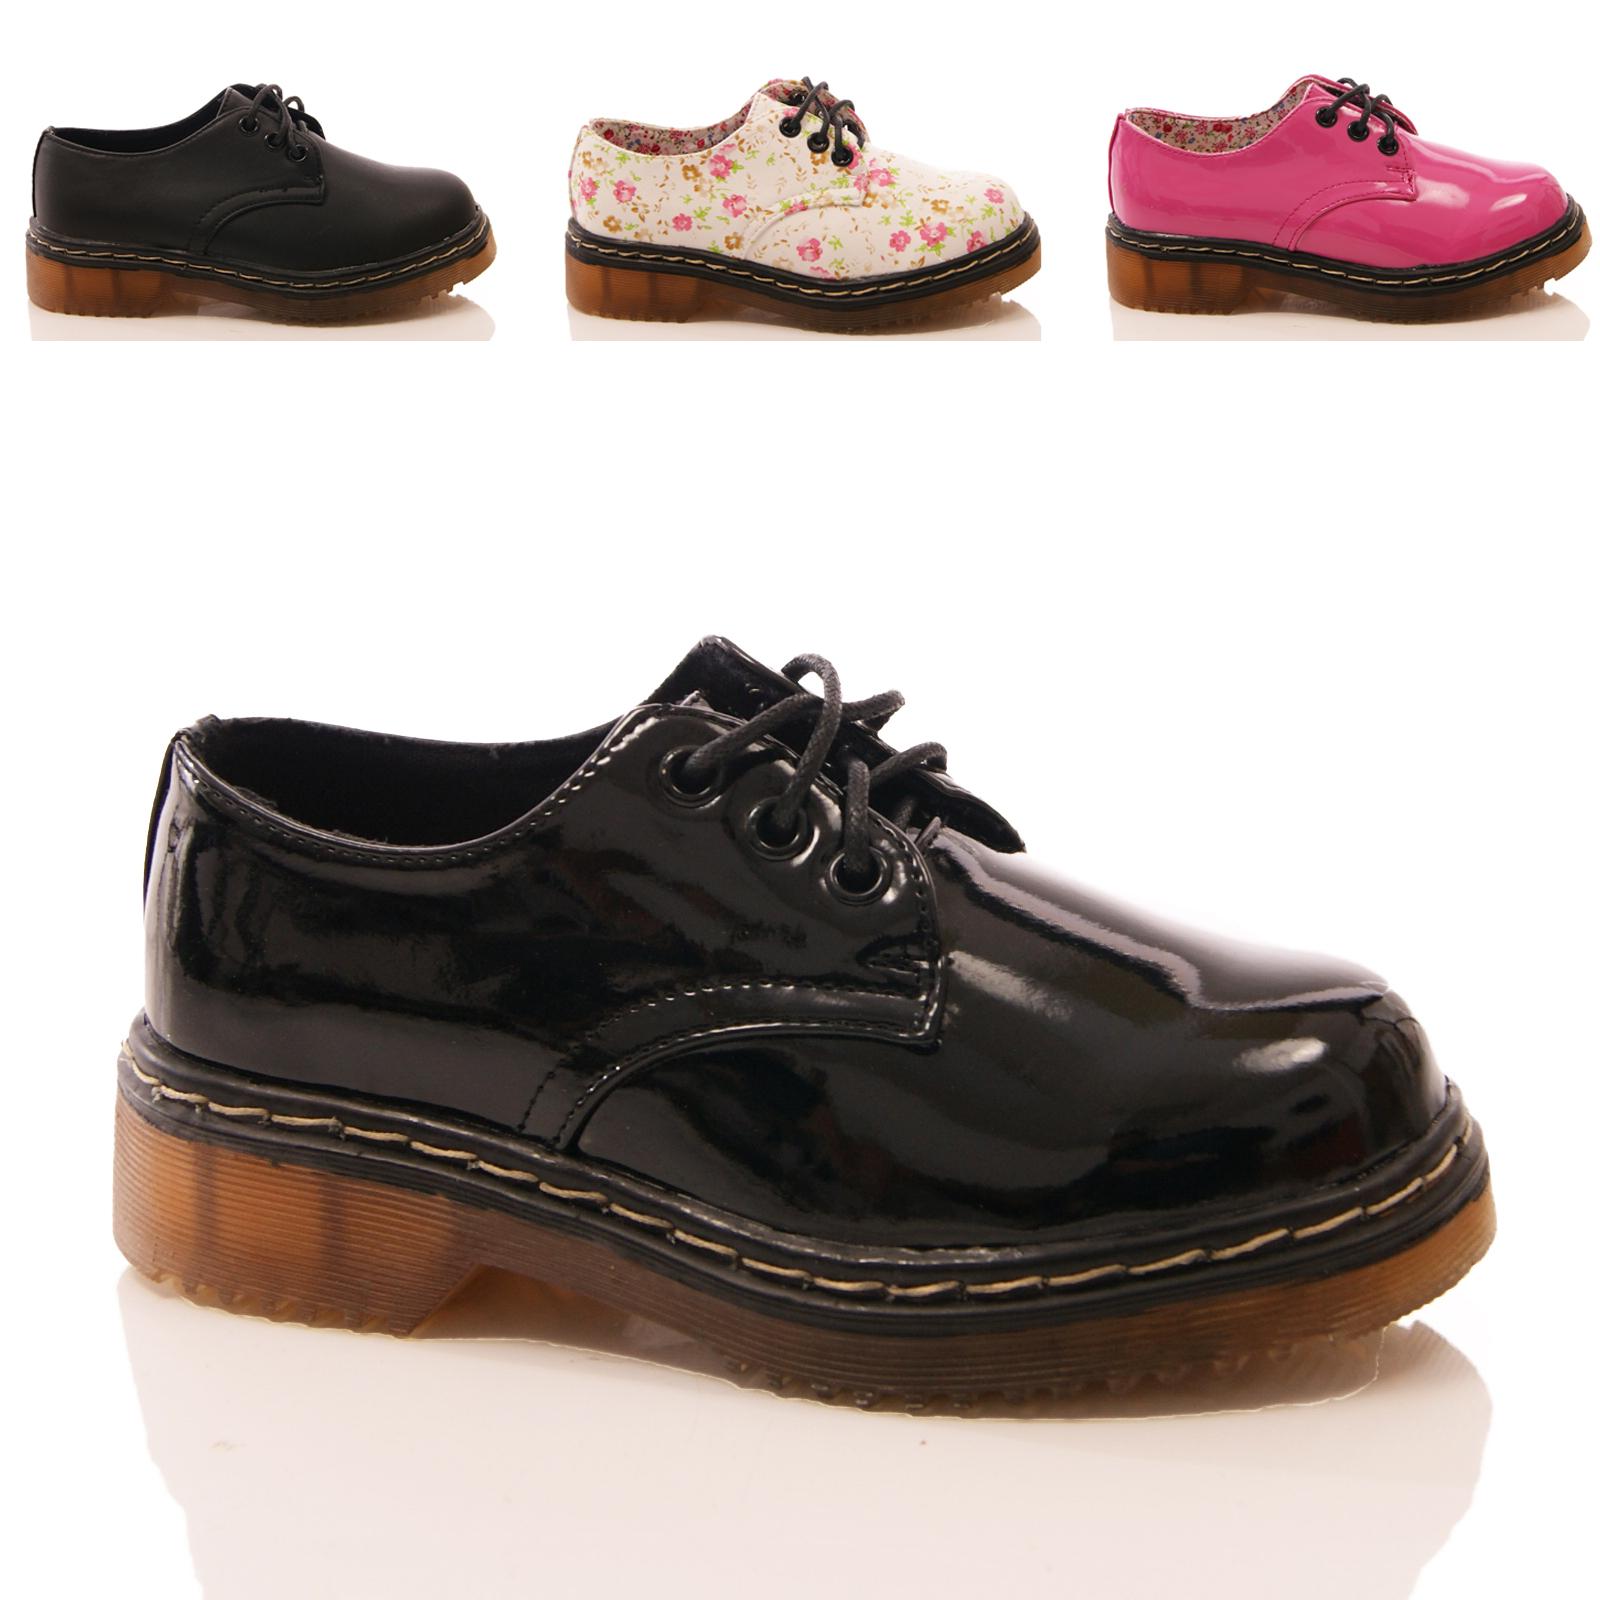 Niñas Niños Zapatos Escolares lazada patente Floral De Imitación De Cuero Fashion Talla